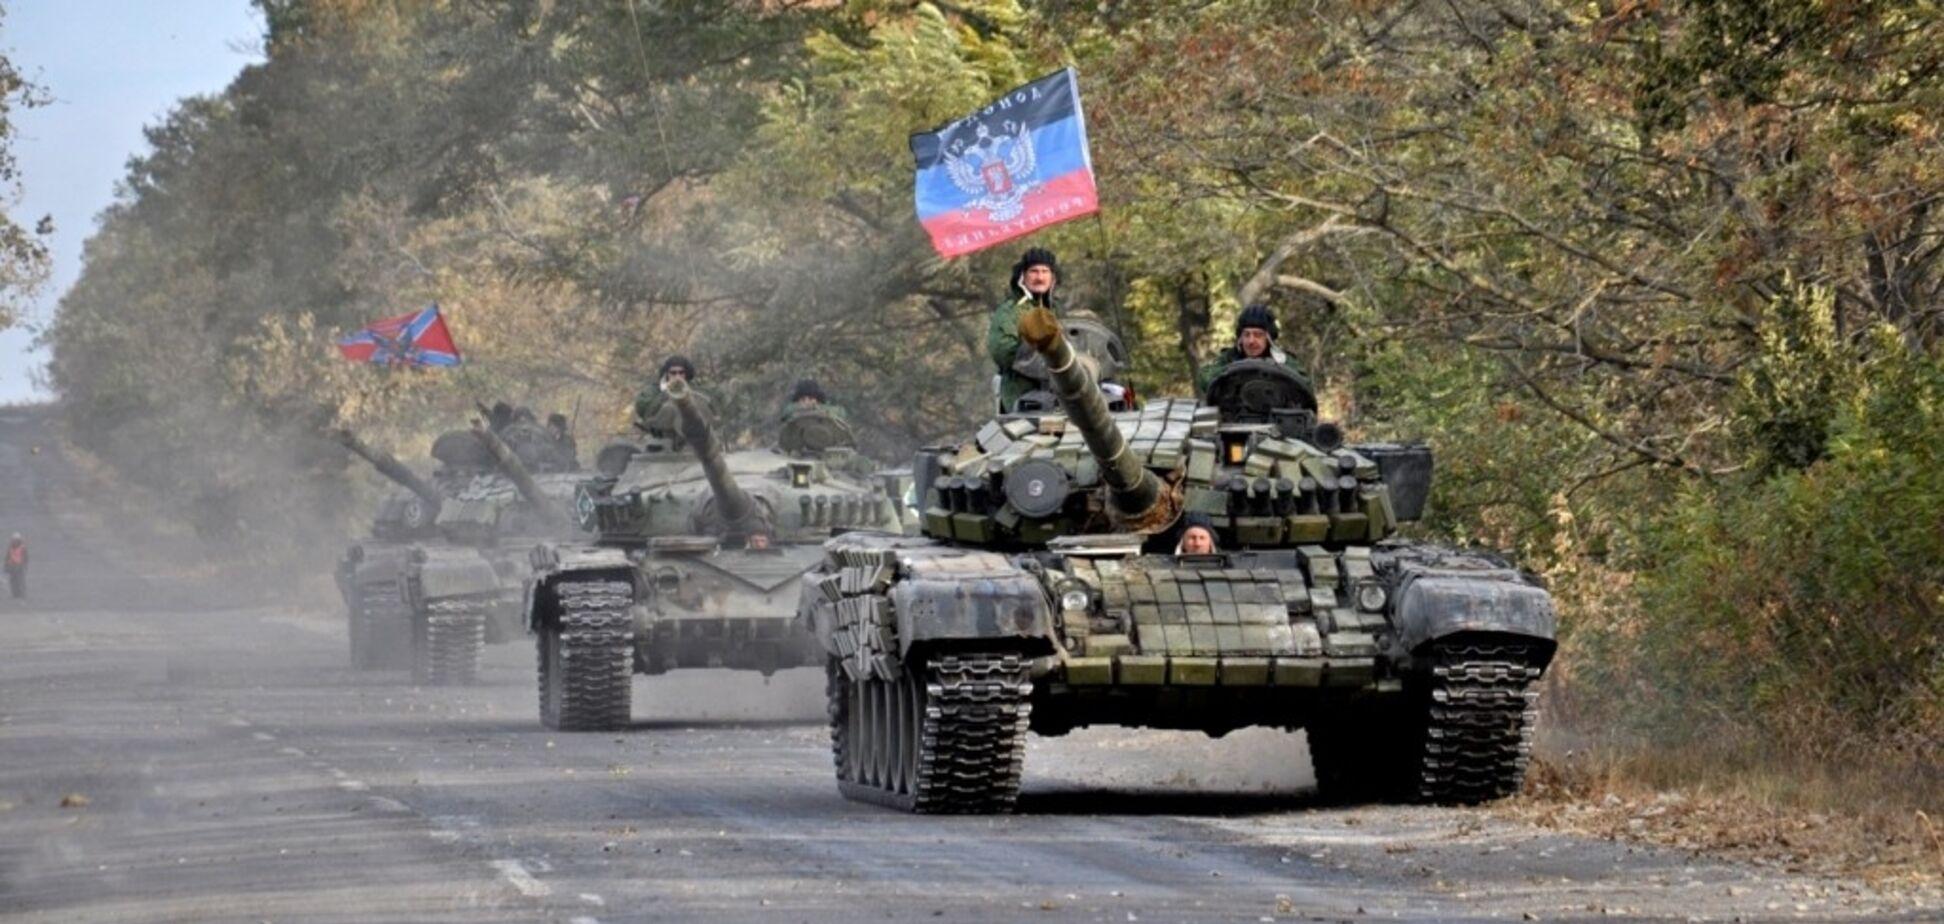 'Є військовий принцип': АТОшнік пов'язав нове загострення на Донбасі з Сирією і США